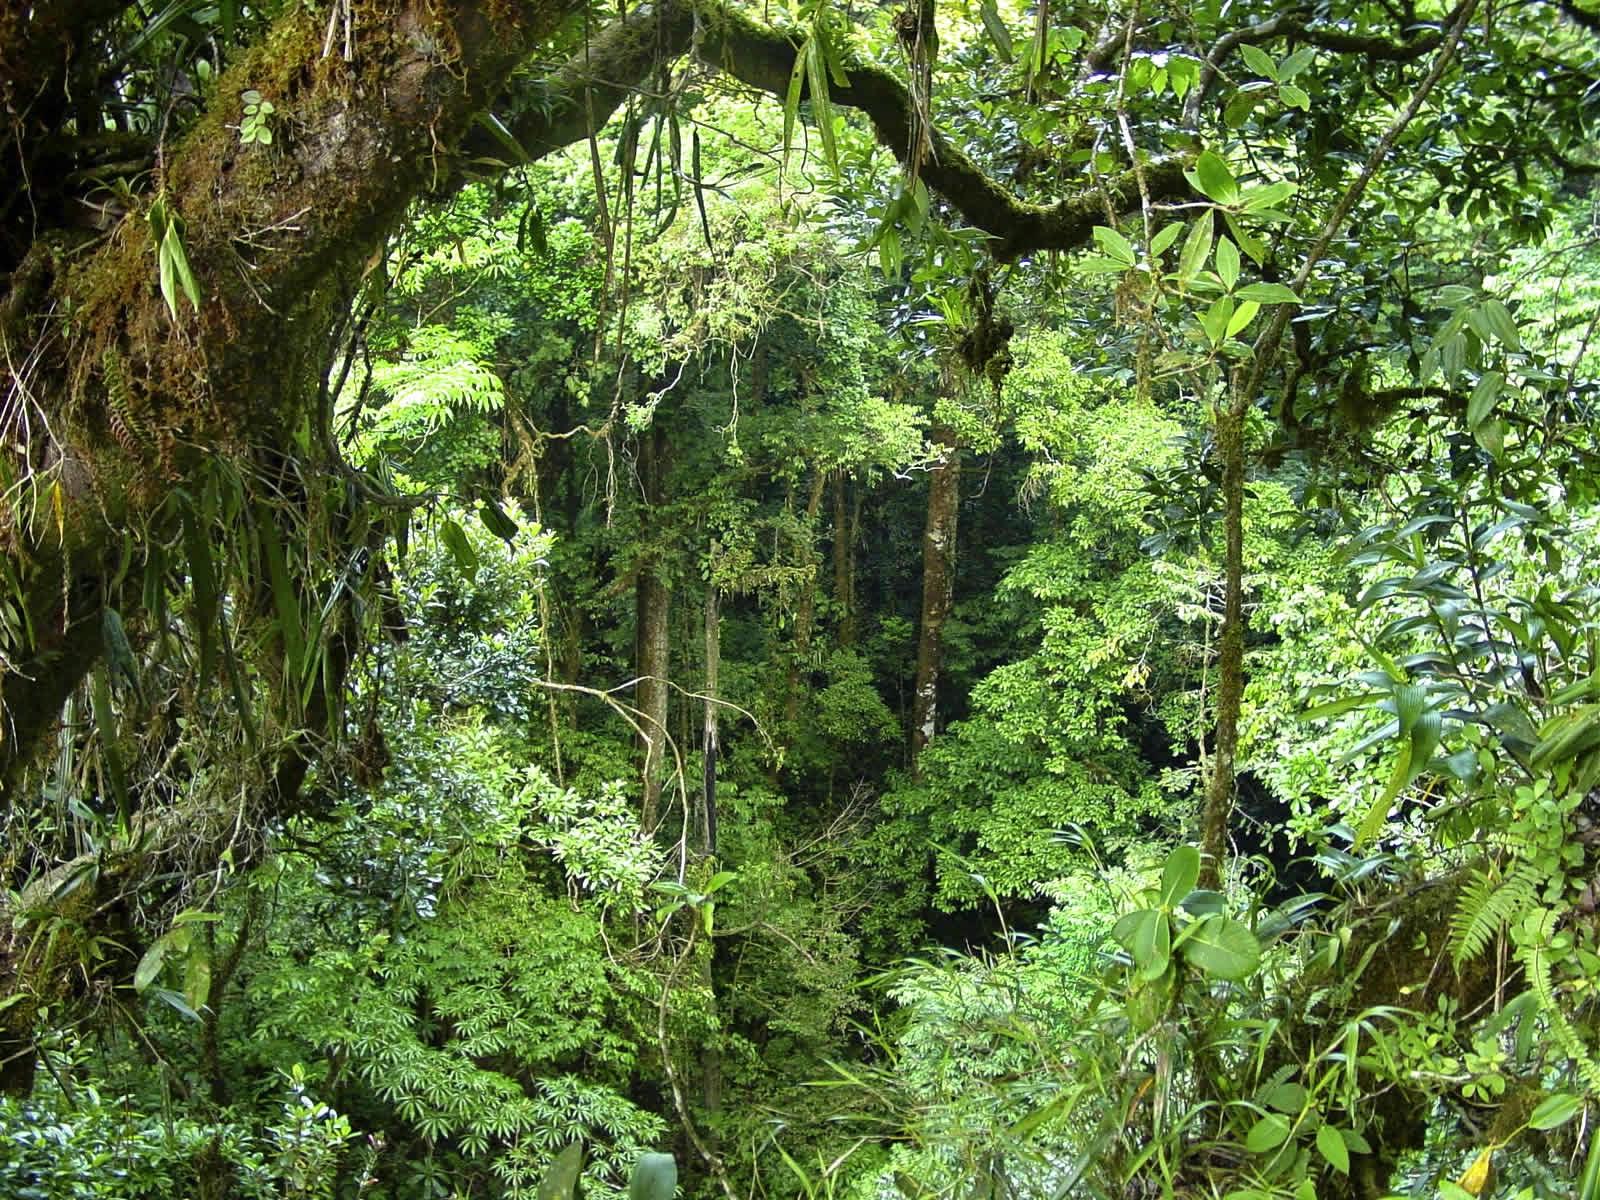 Fenomena Pemandangan Hutan Yang Menakjubkan Suka Berpetualang